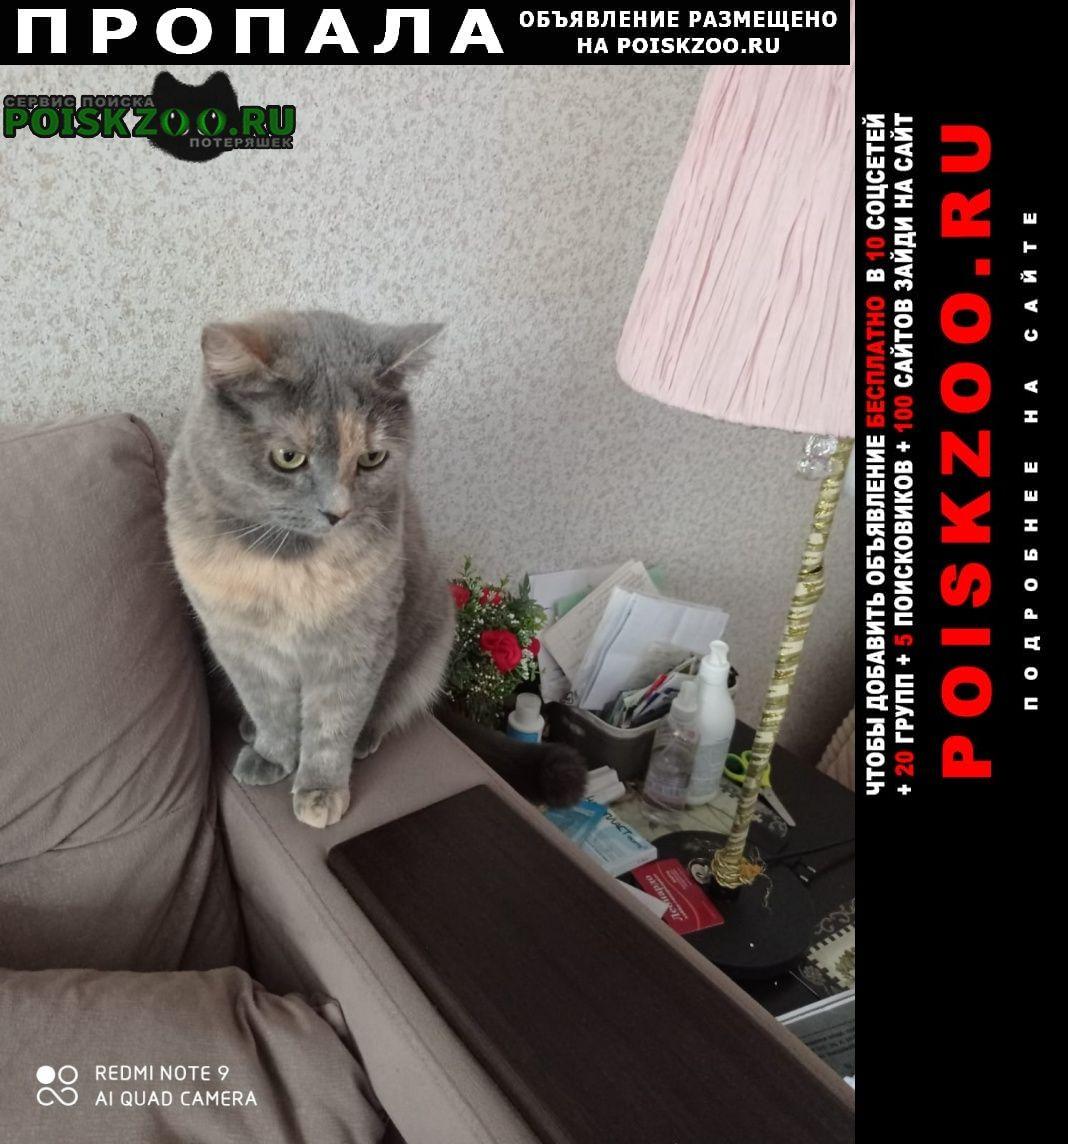 Пропала кошка 25 августа д. петровское. Бронницы